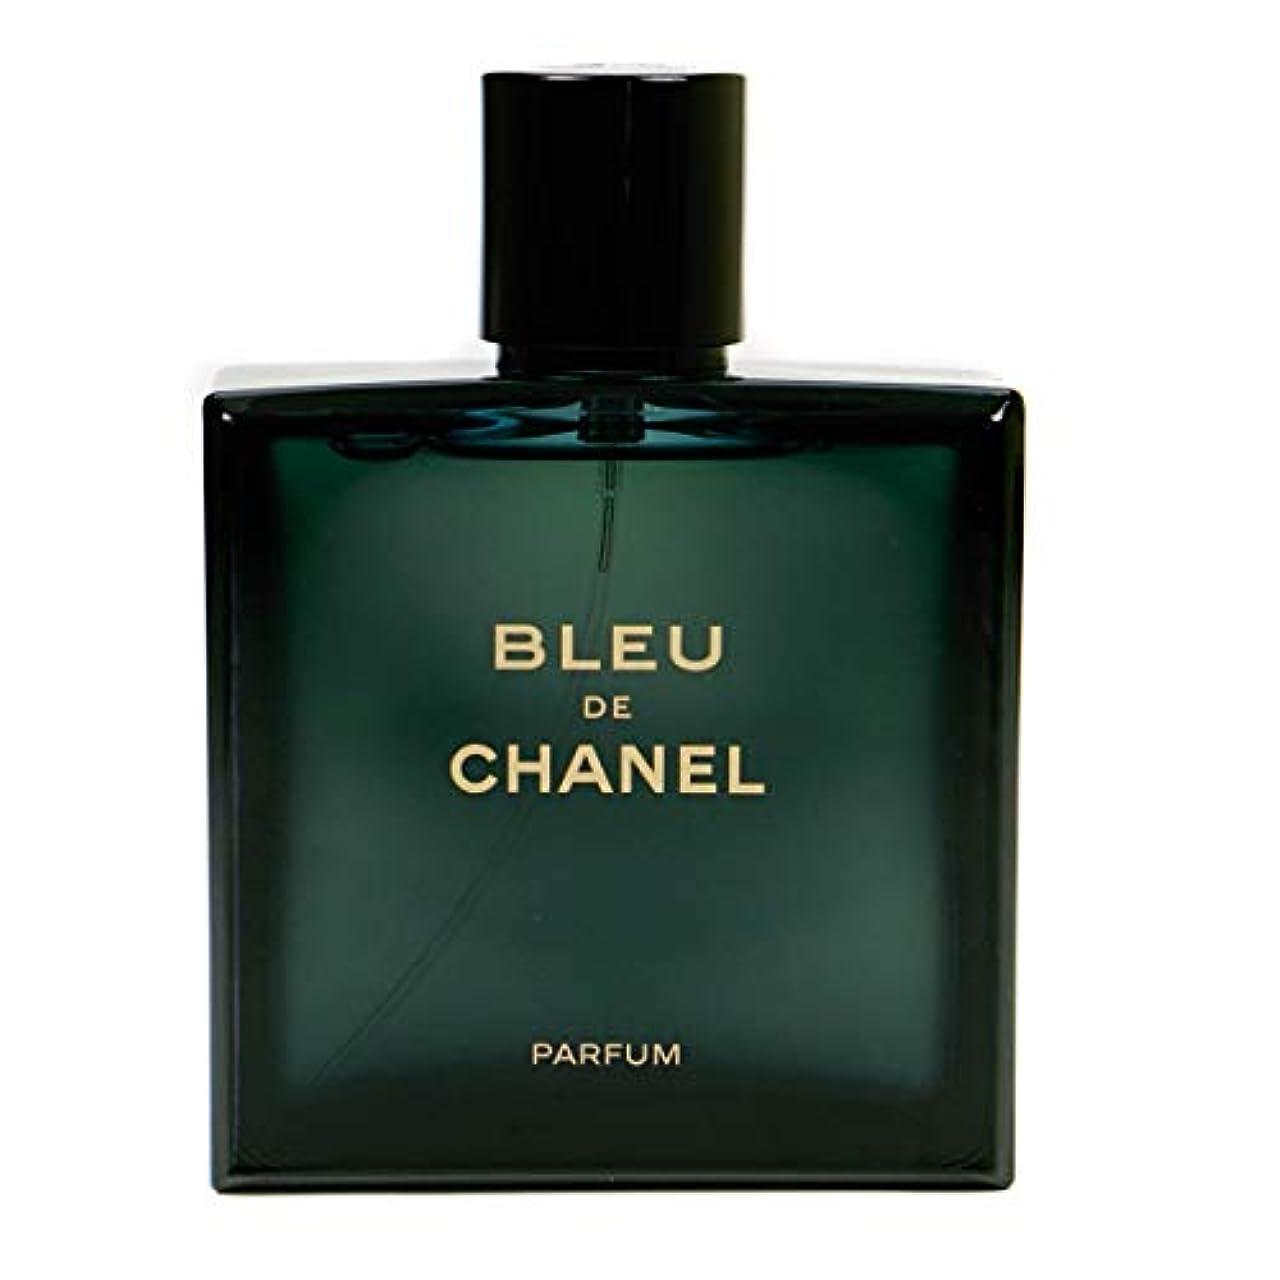 版少ない一生シャネル CHANEL ブルー ドゥ シャネル パルファム 〔Parfum〕 100ml Pfm SP fs